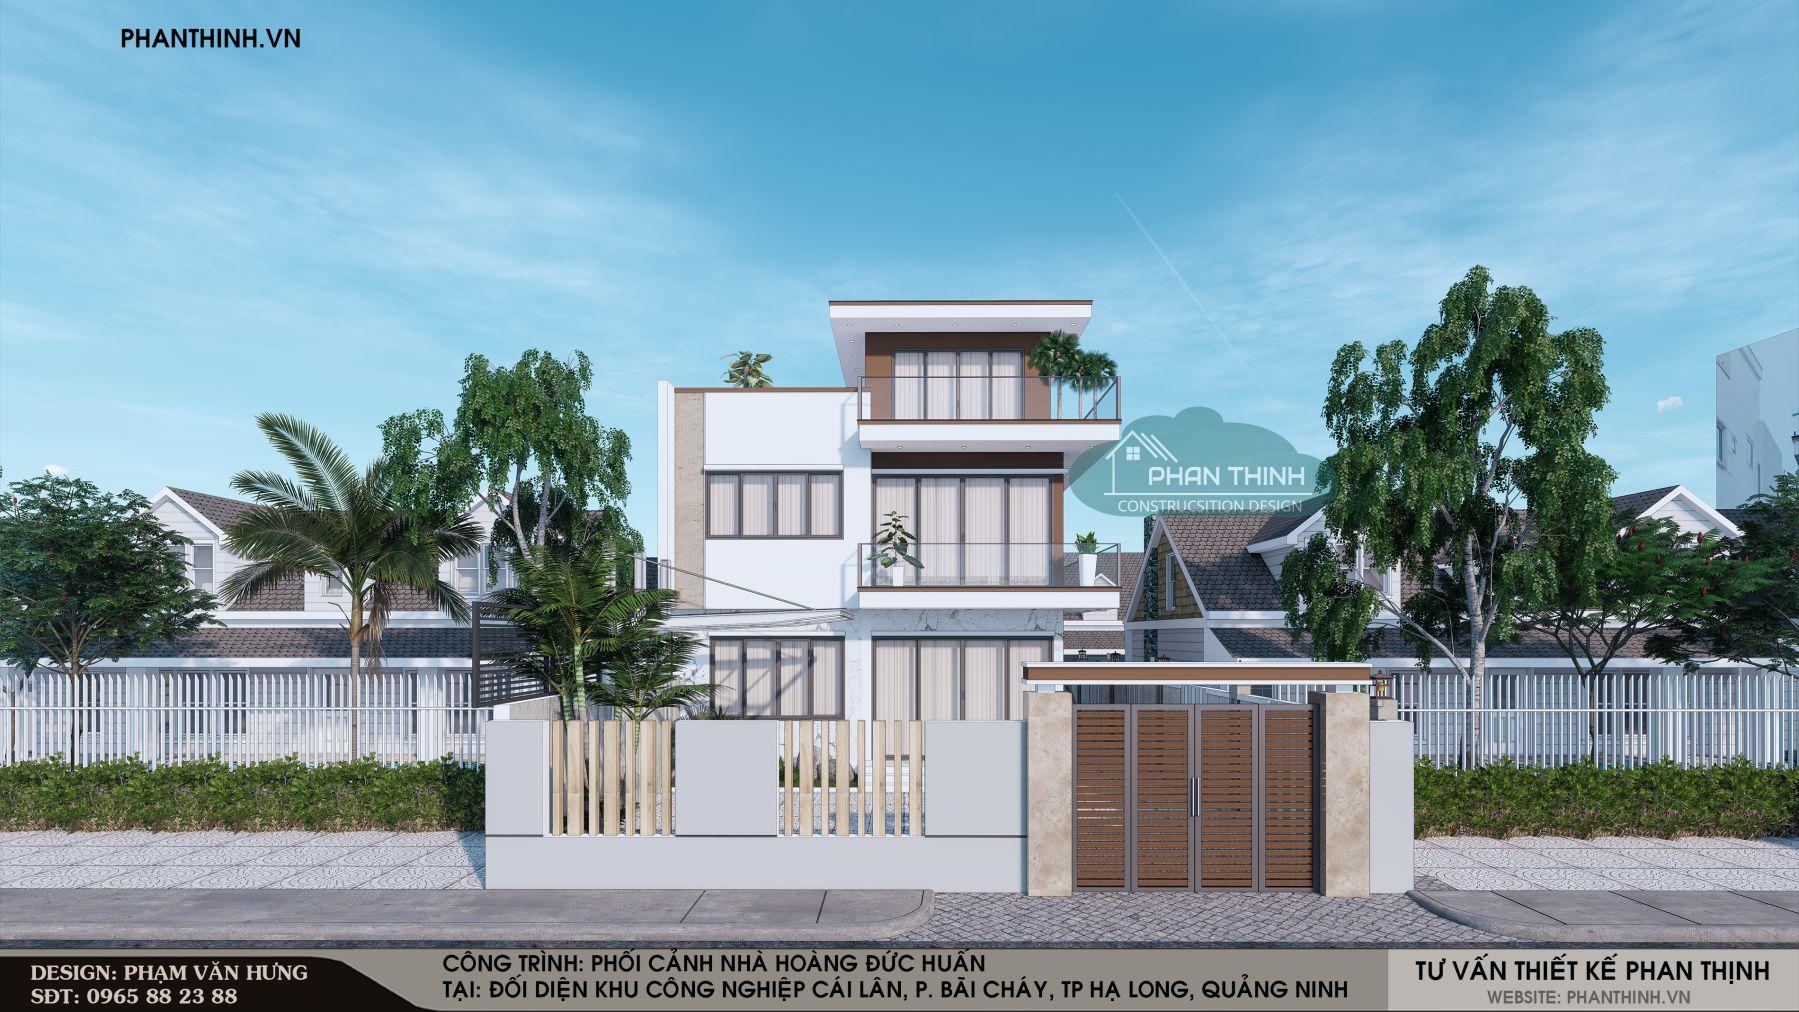 Phối cảnh thiết kế mặt tiền căn nhà 3 tầng mặt tiền 9m tại Quảng Ninh